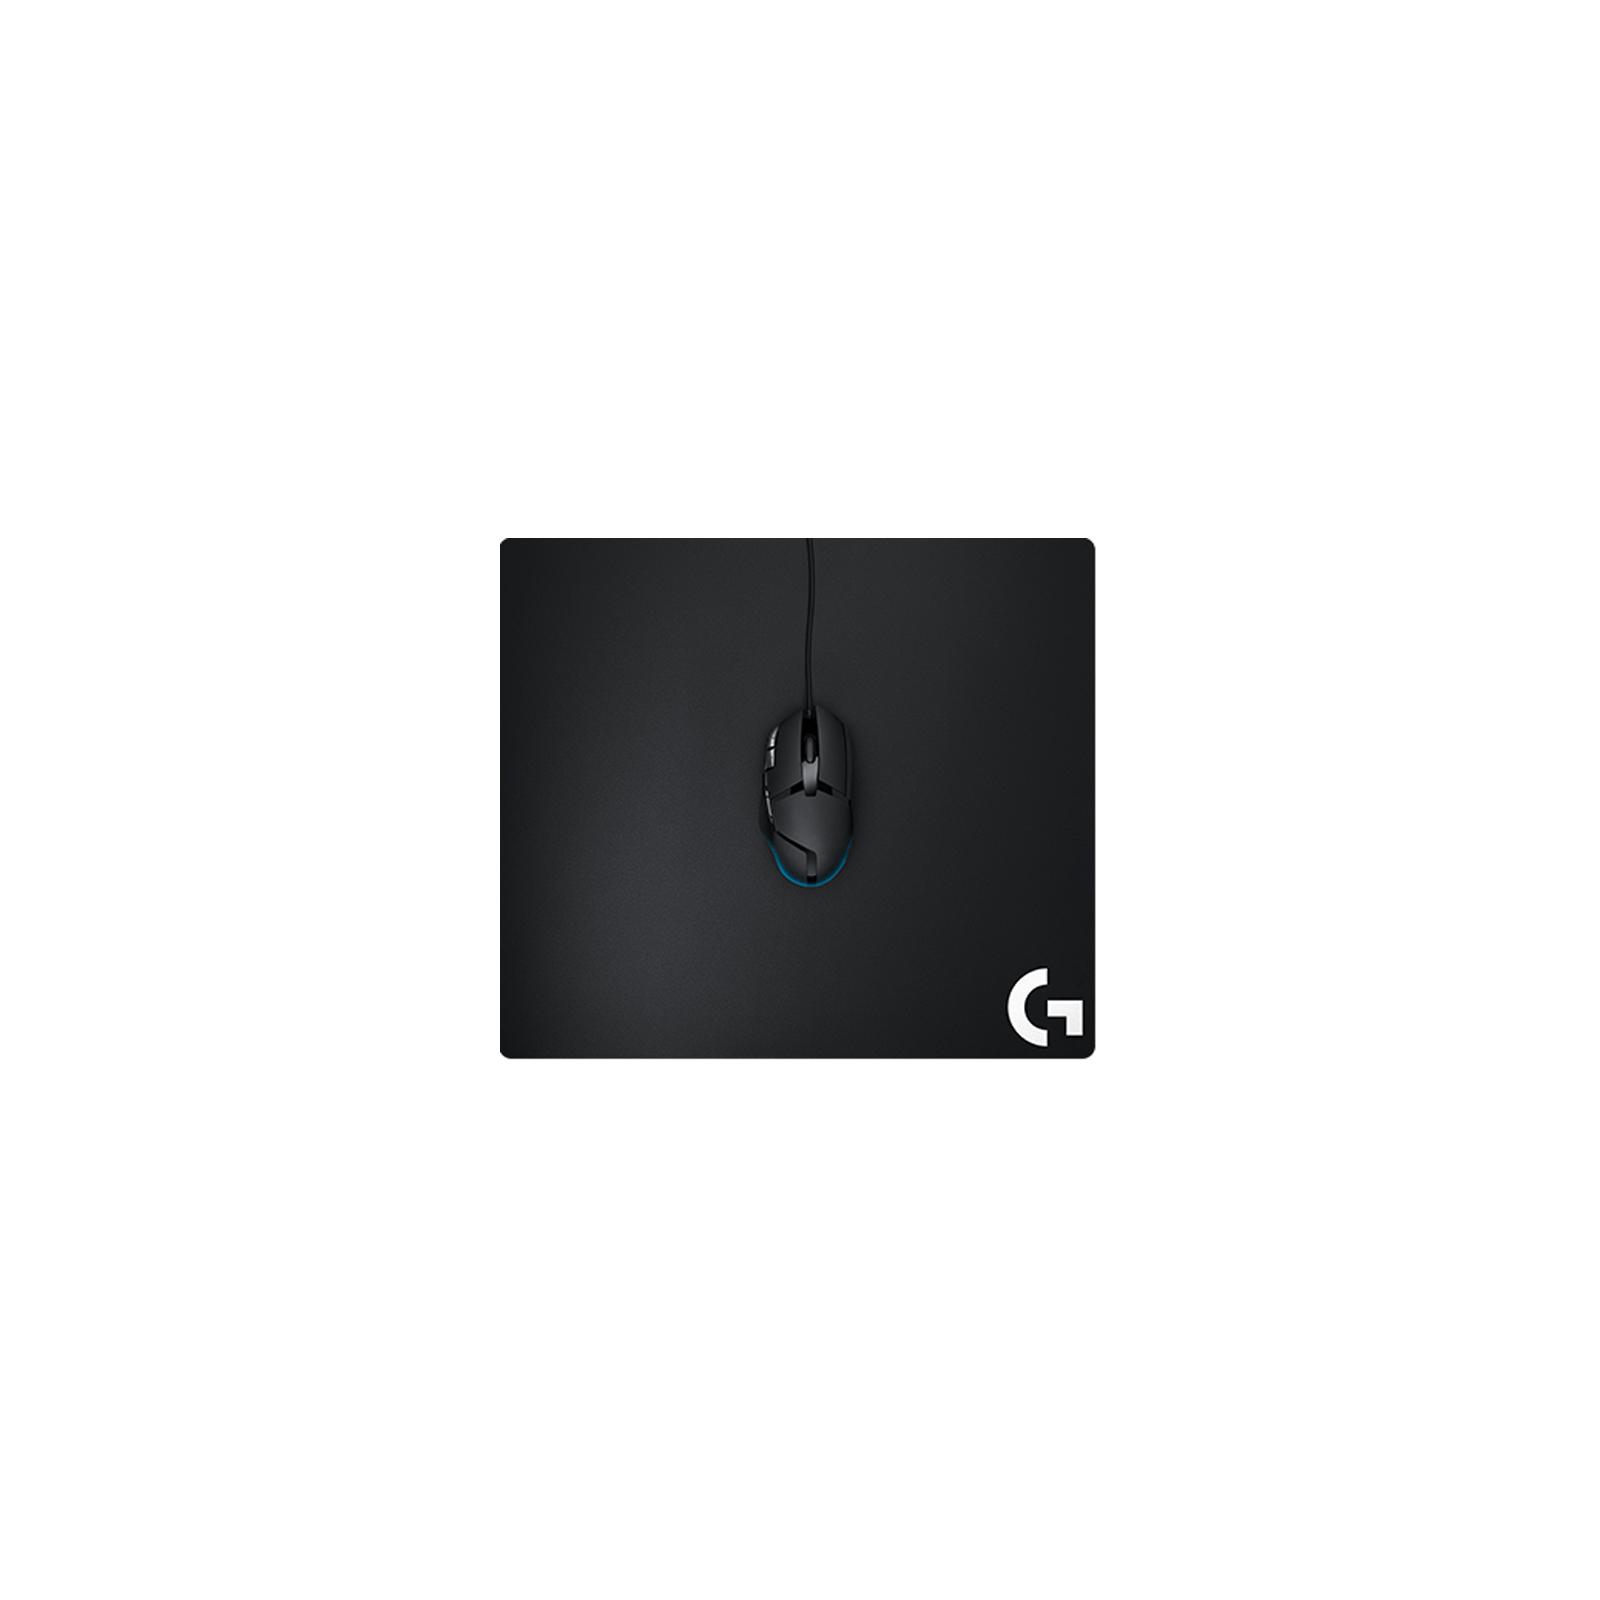 Коврик Logitech G640 Cloth Gaming Mouse Pad (943-000089) изображение 2